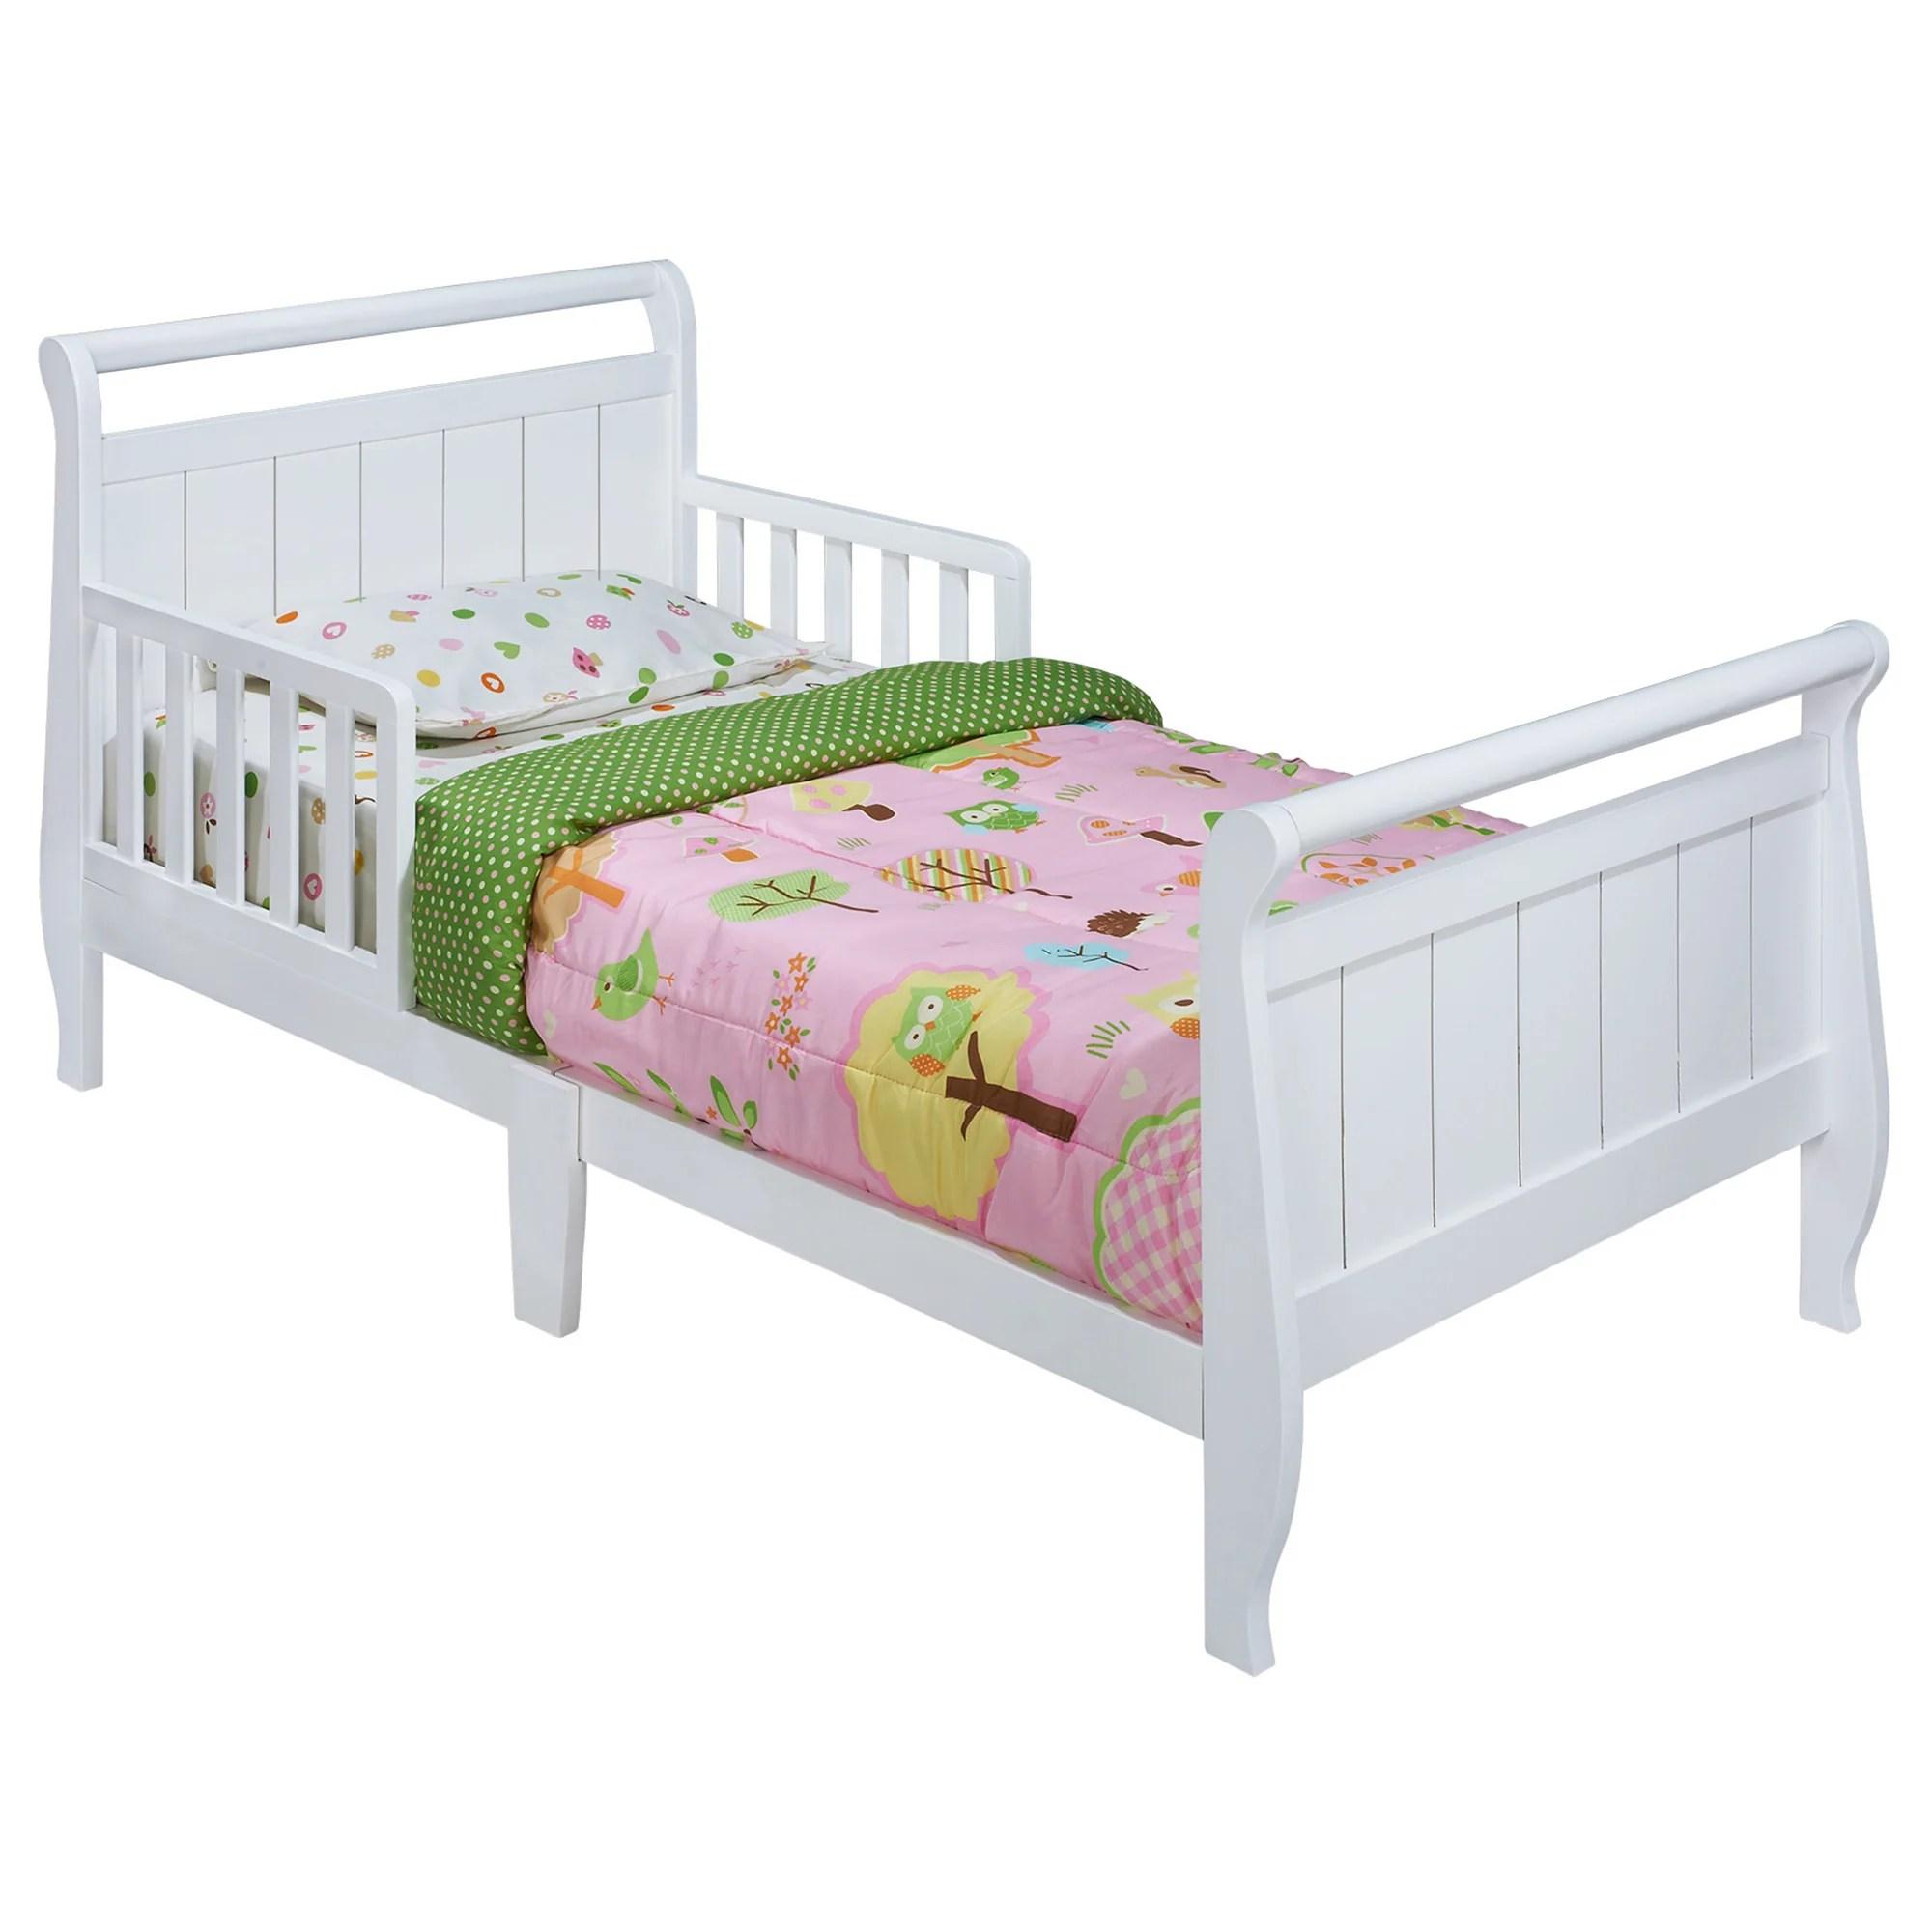 Toddler Bed Delta Children